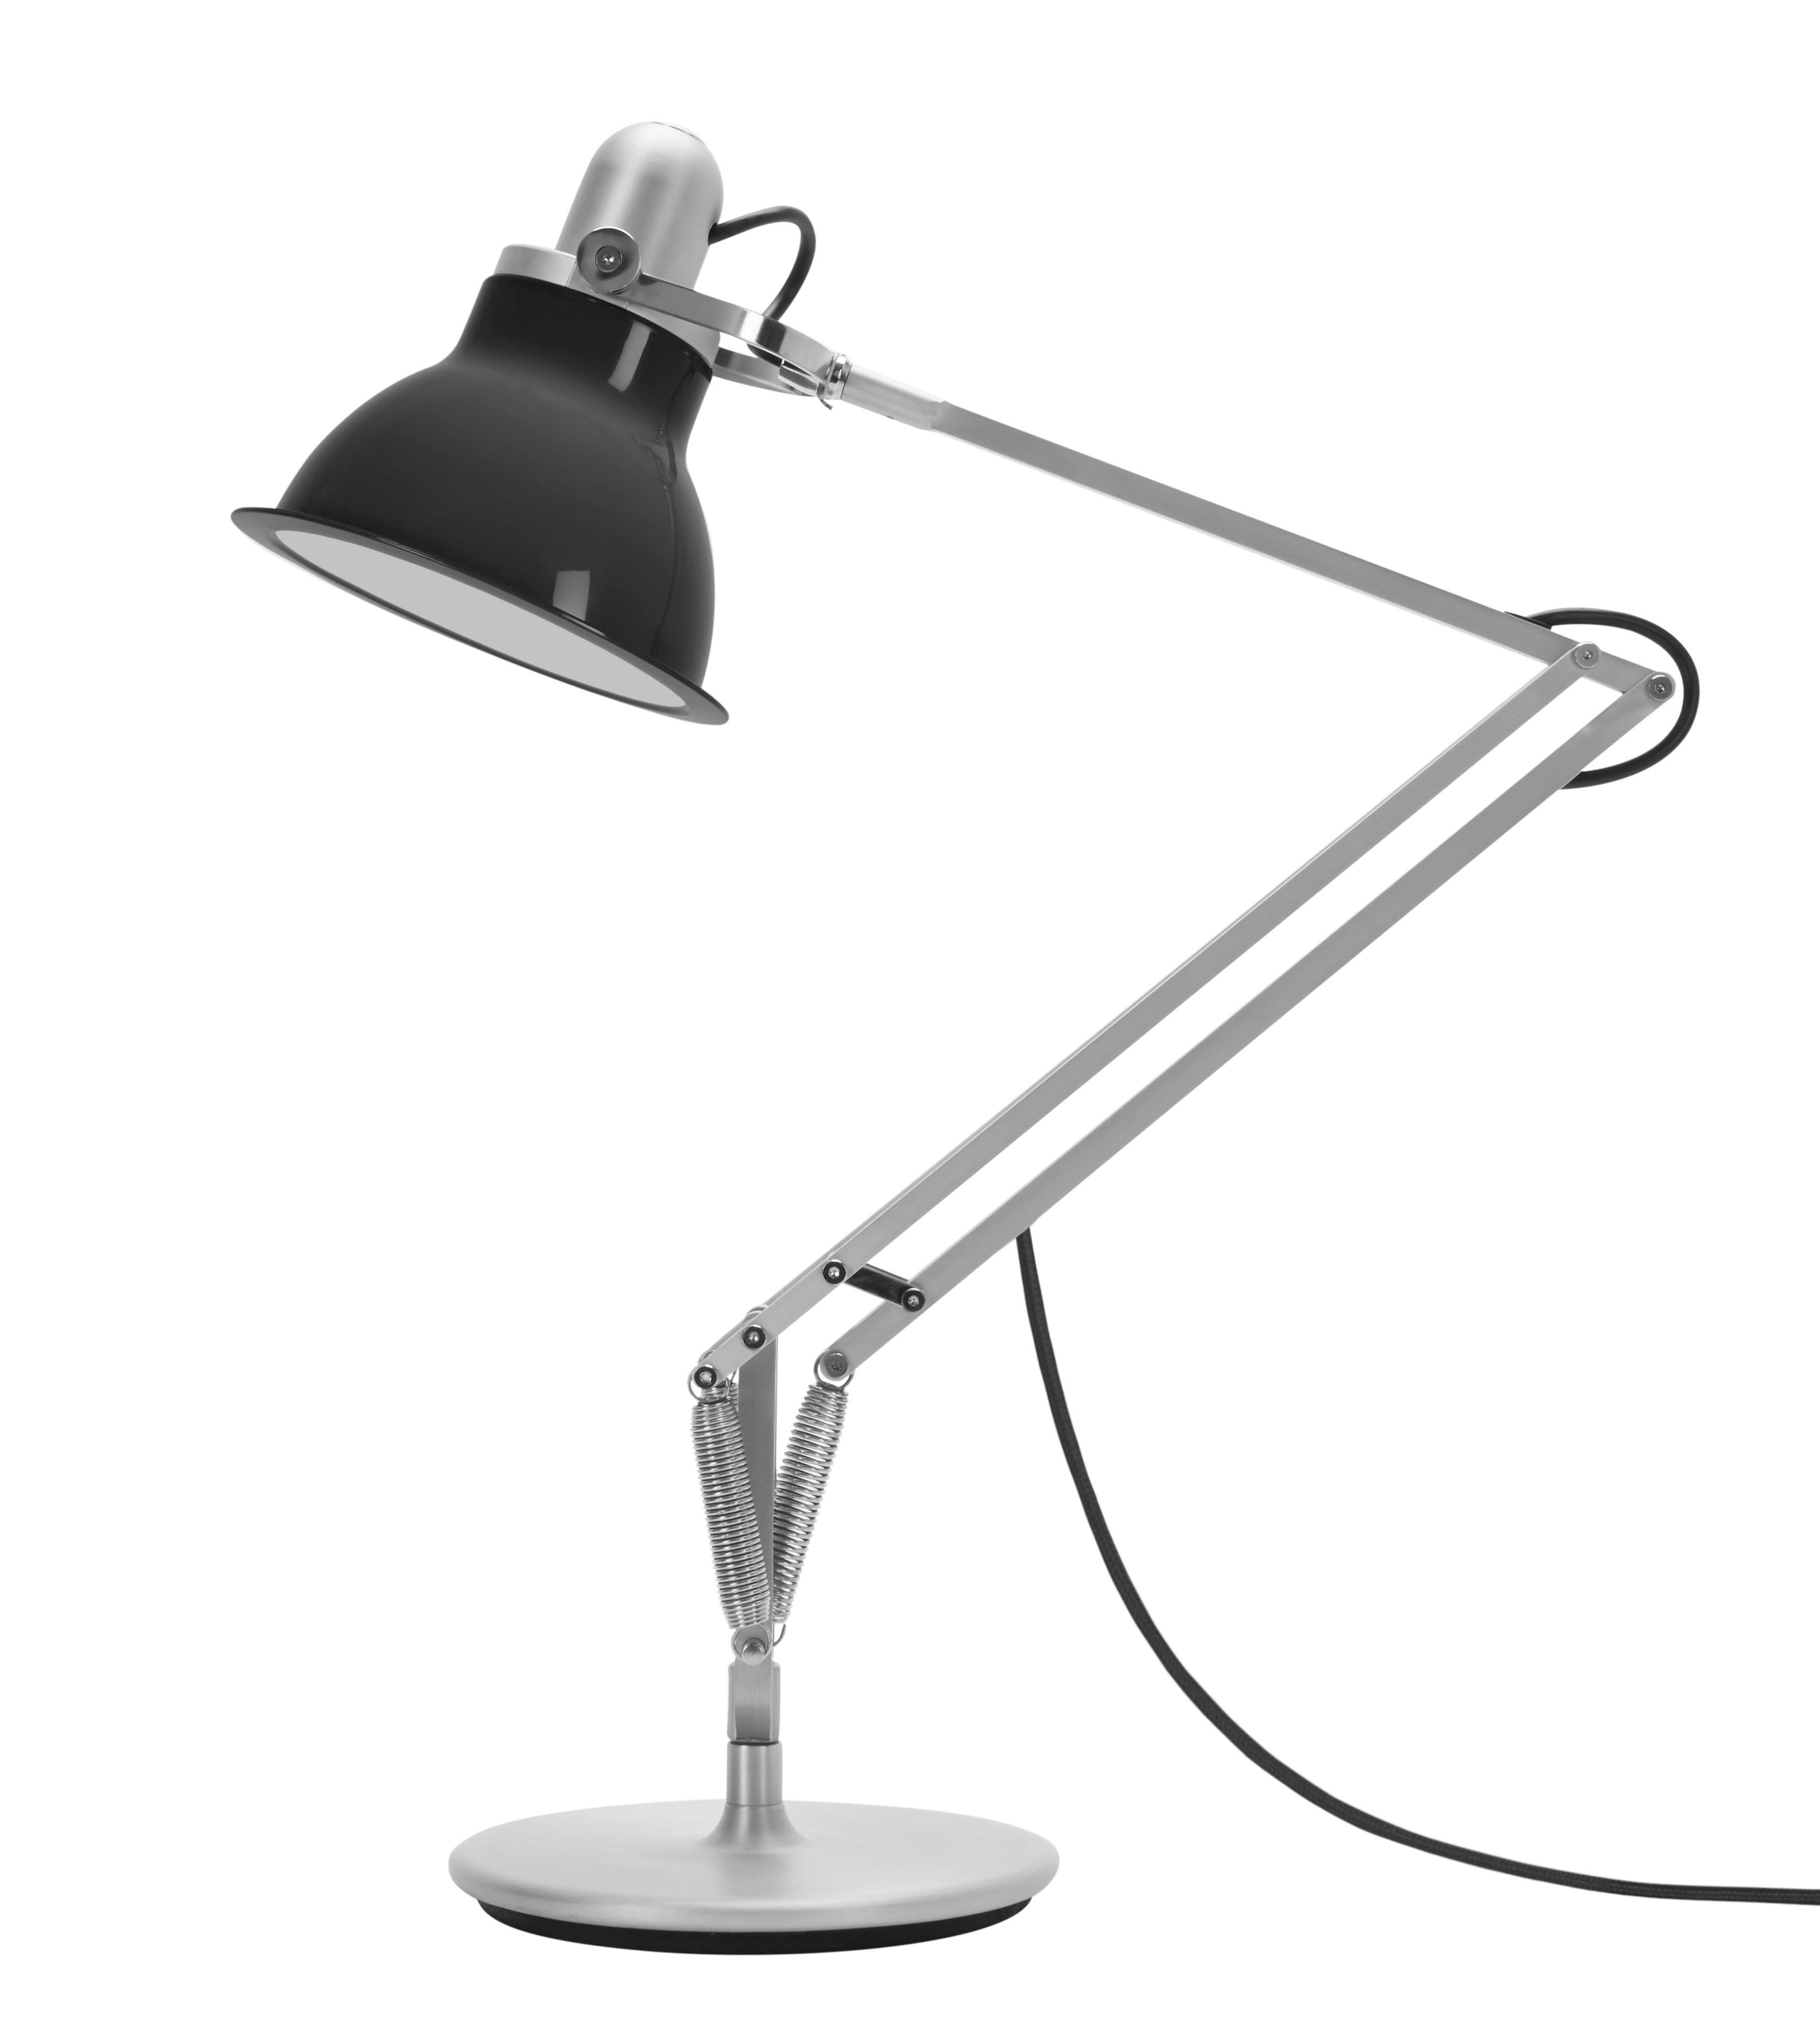 Luminaire - Lampes de table - Lampe de table Type 1228 - Anglepoise - Gris - Aluminium, PVC